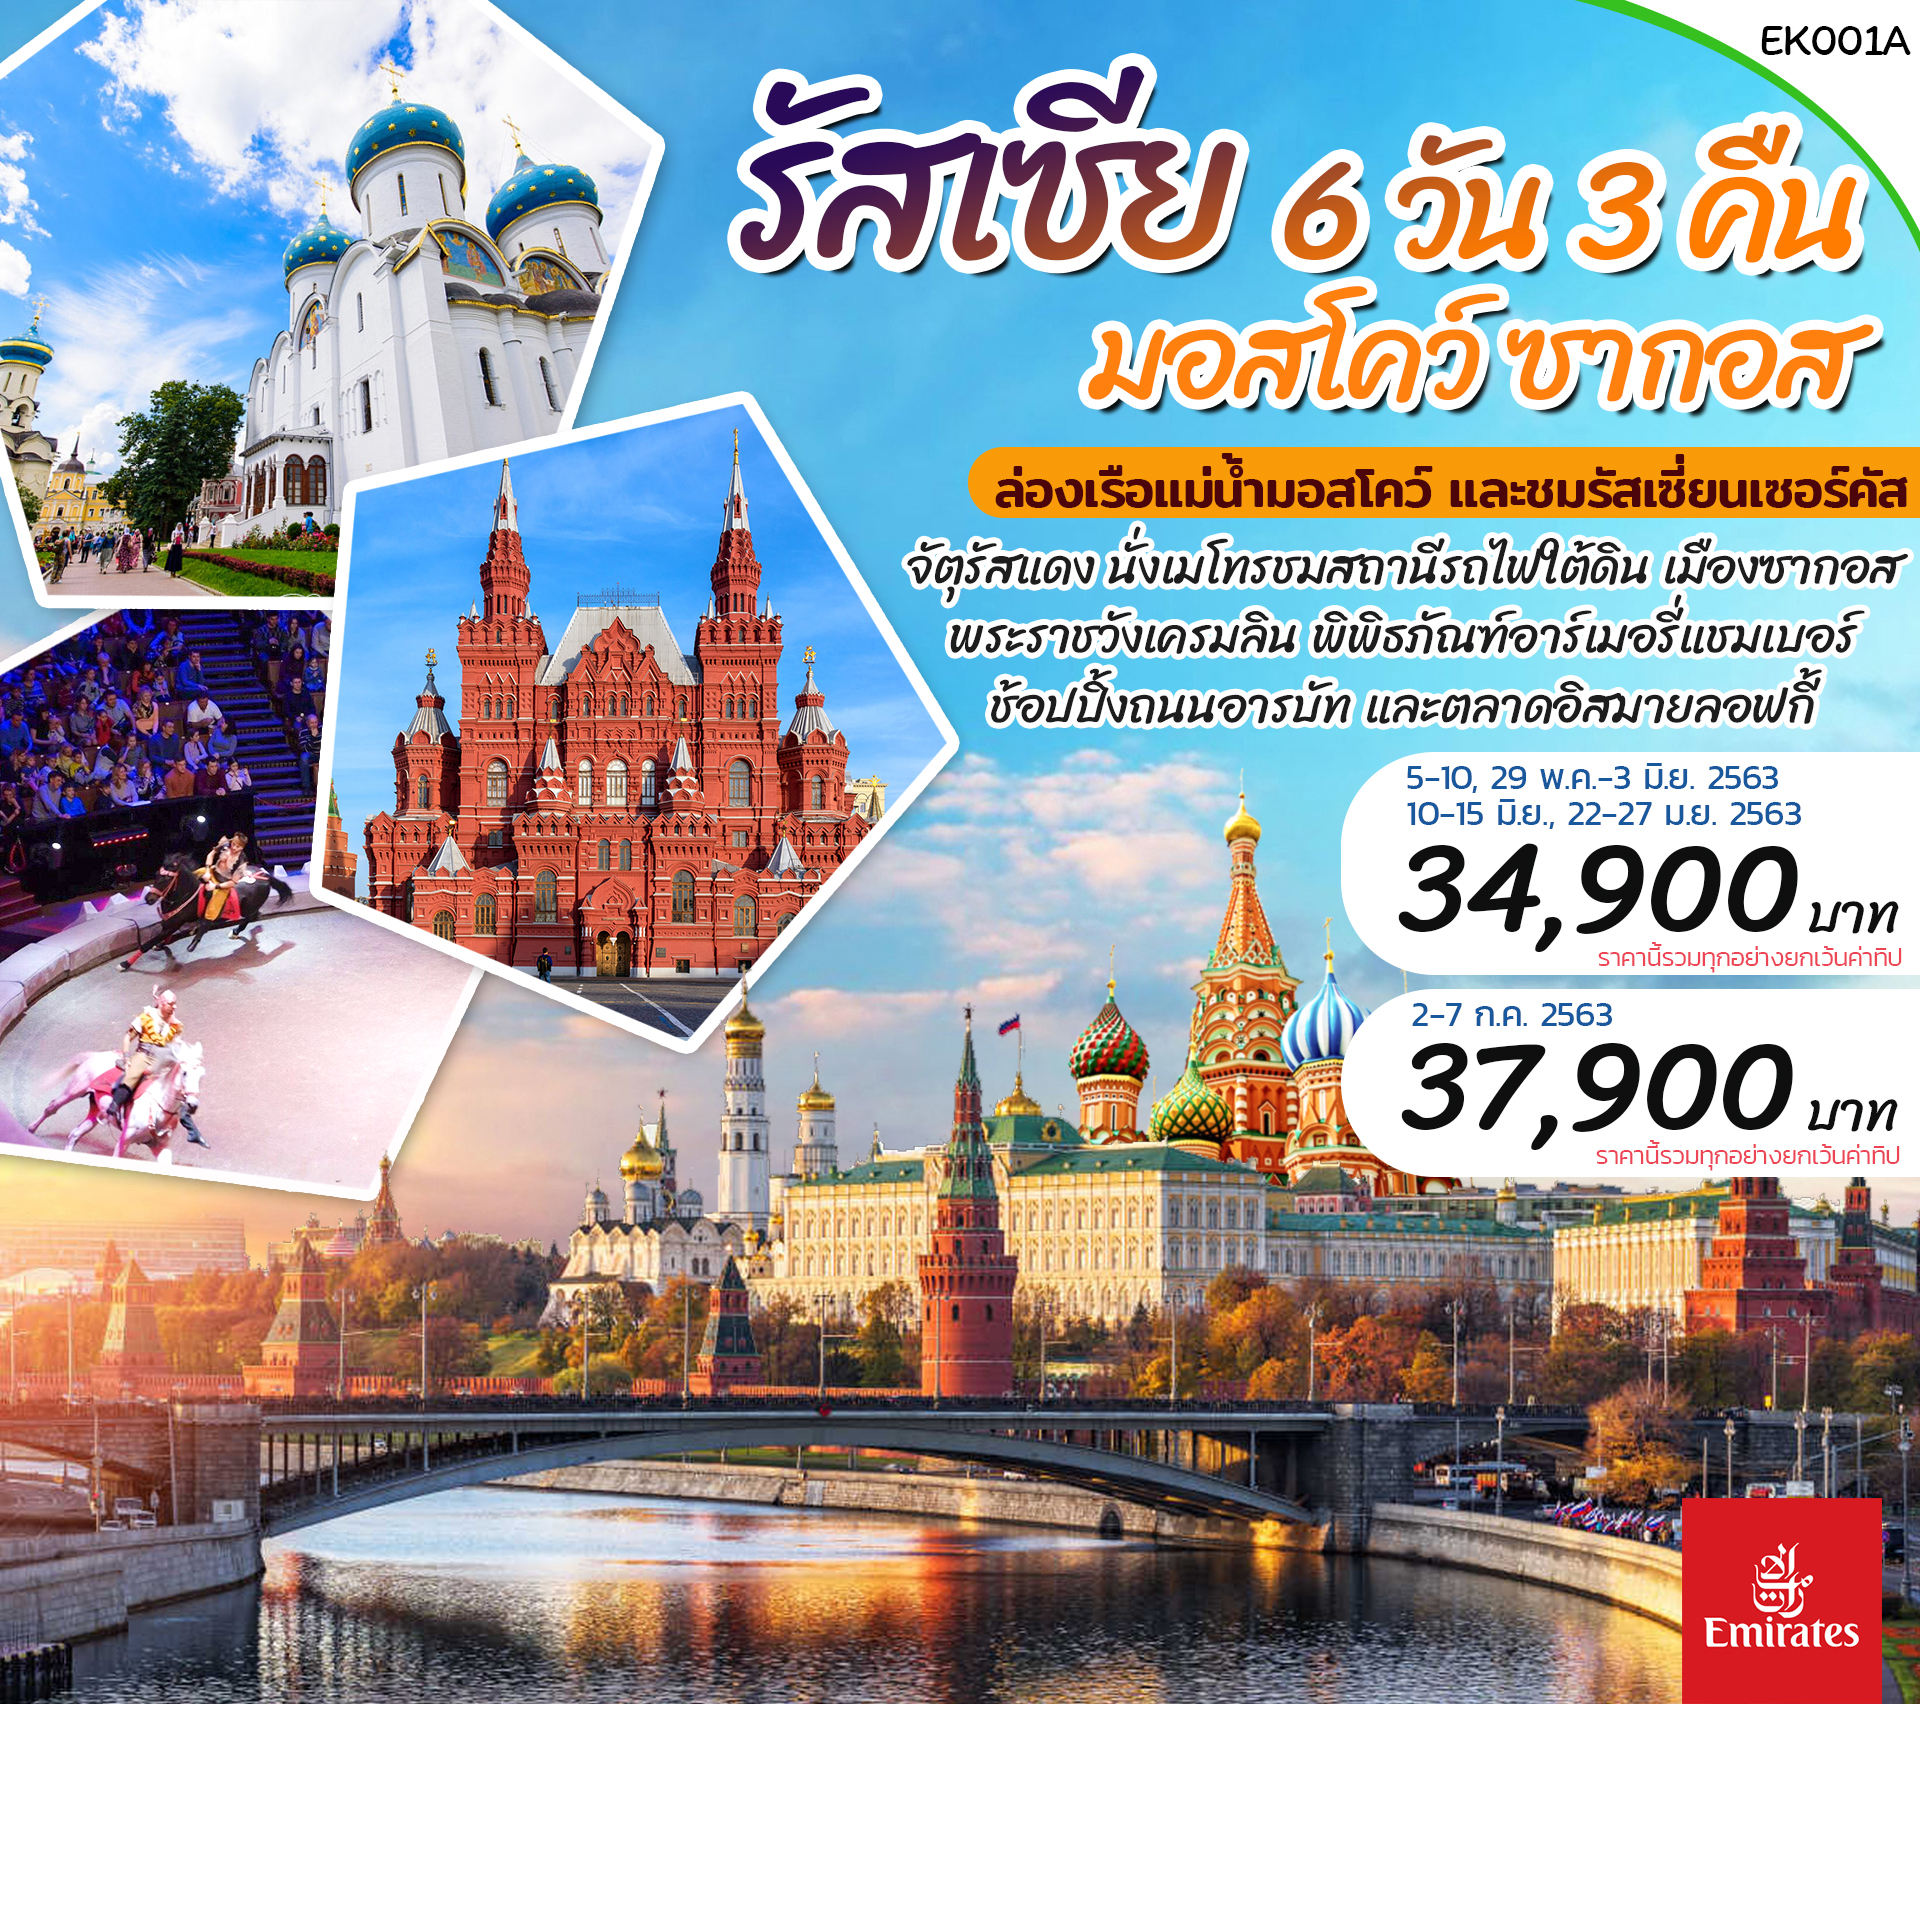 รัสเซีย มอสโคว์ ซากอส 6 วัน 3 คืน